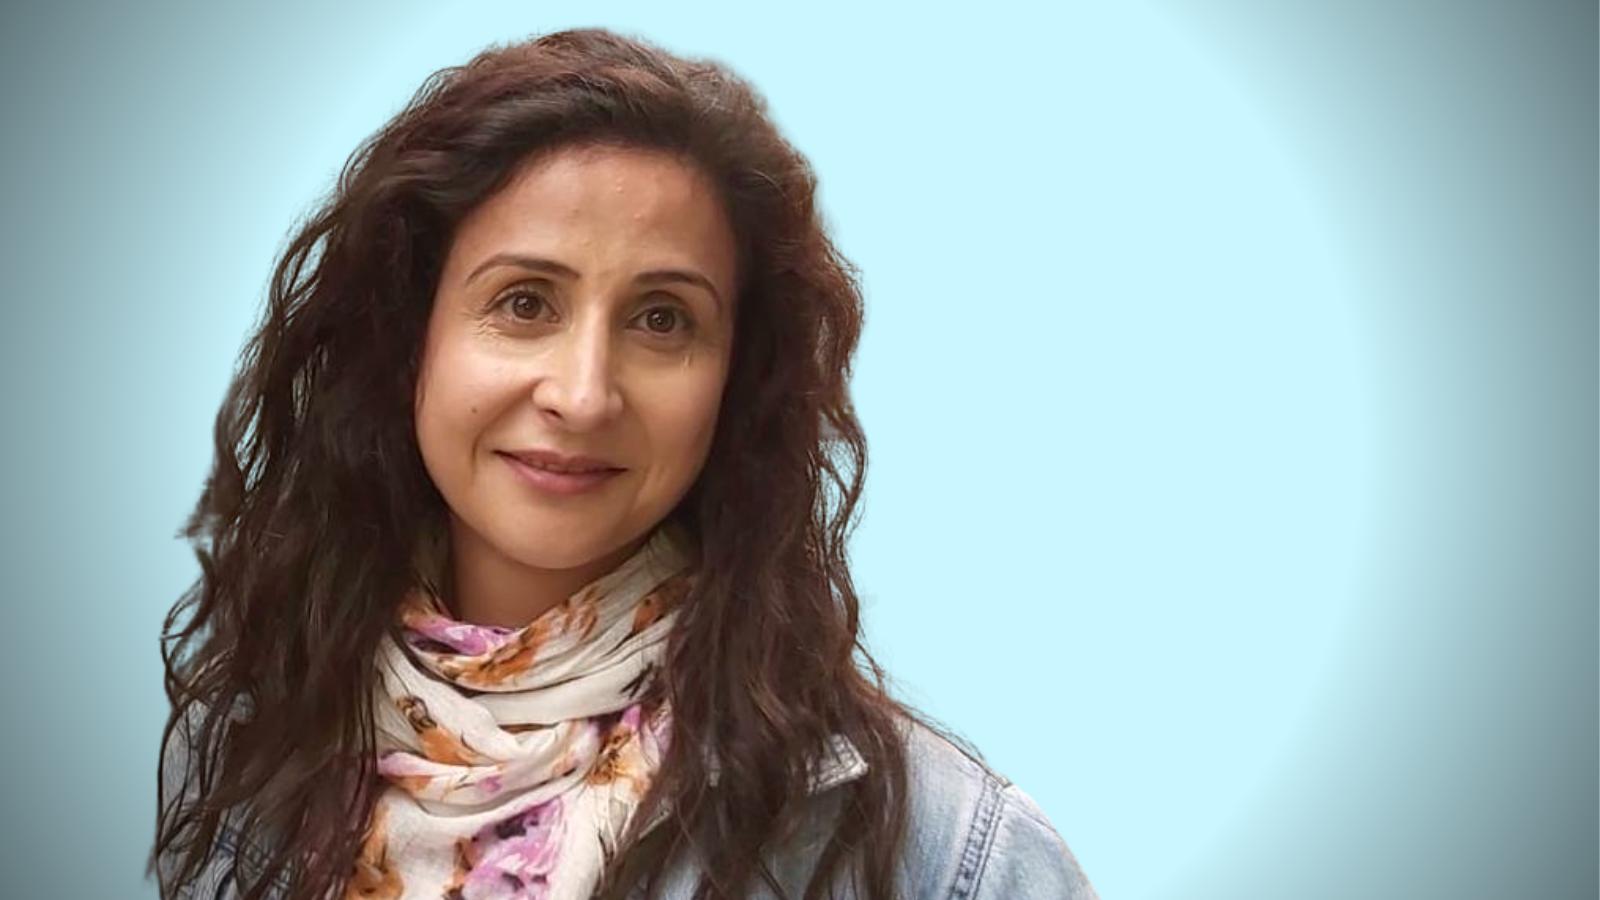 أصوات نسوية، مقابلة مع كنانة عيسى